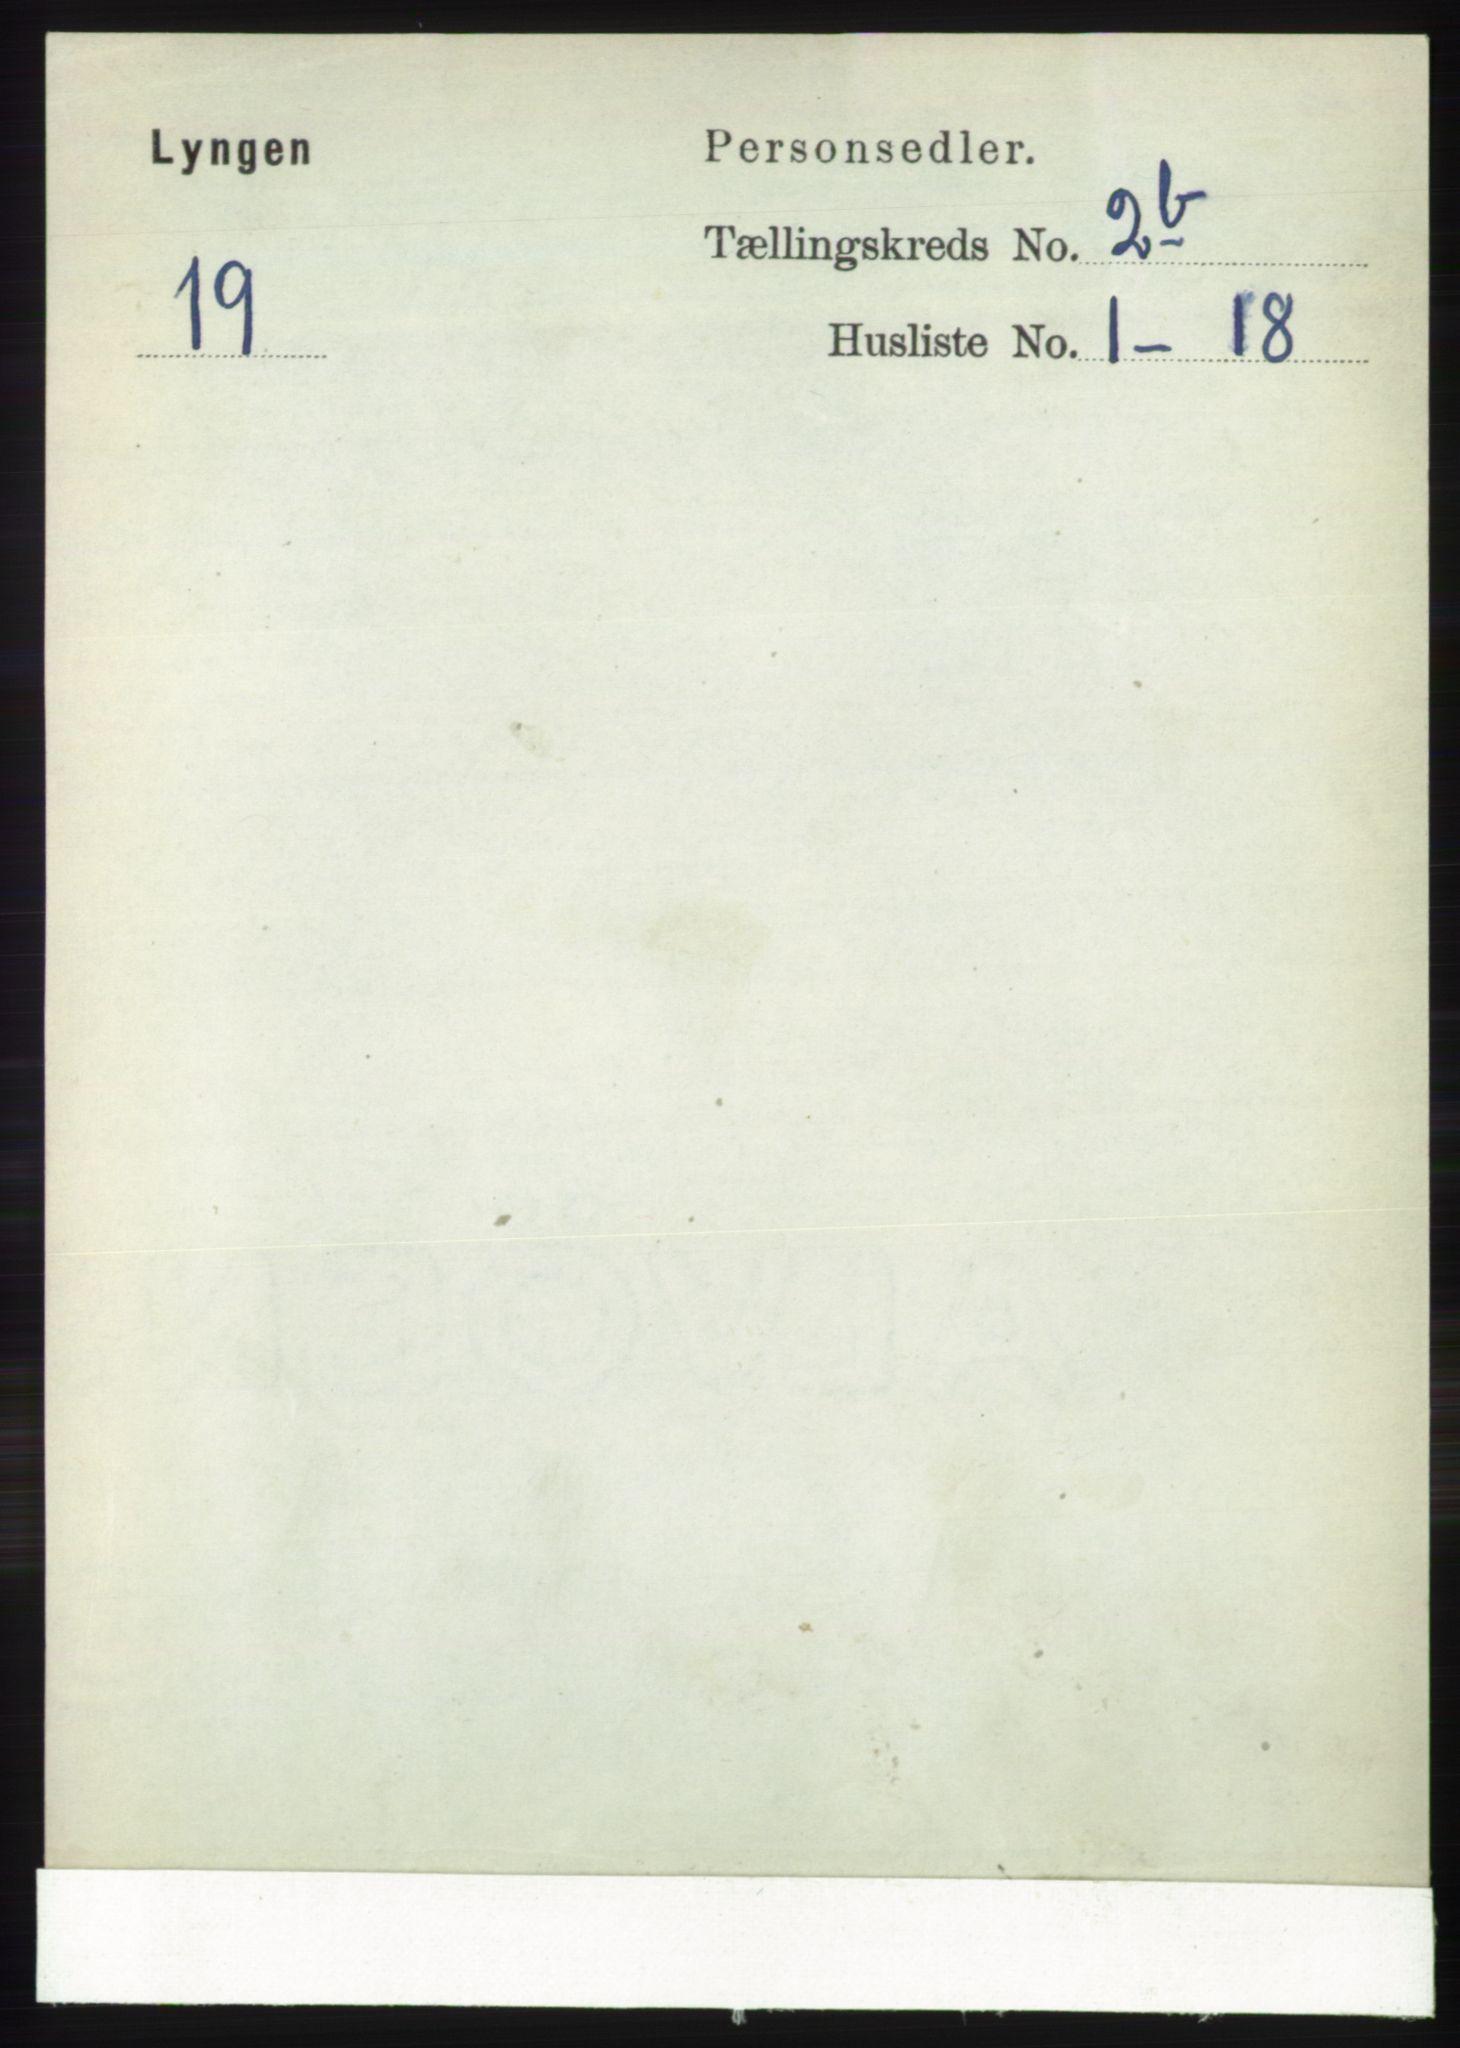 RA, Folketelling 1891 for 1938 Lyngen herred, 1891, s. 2469